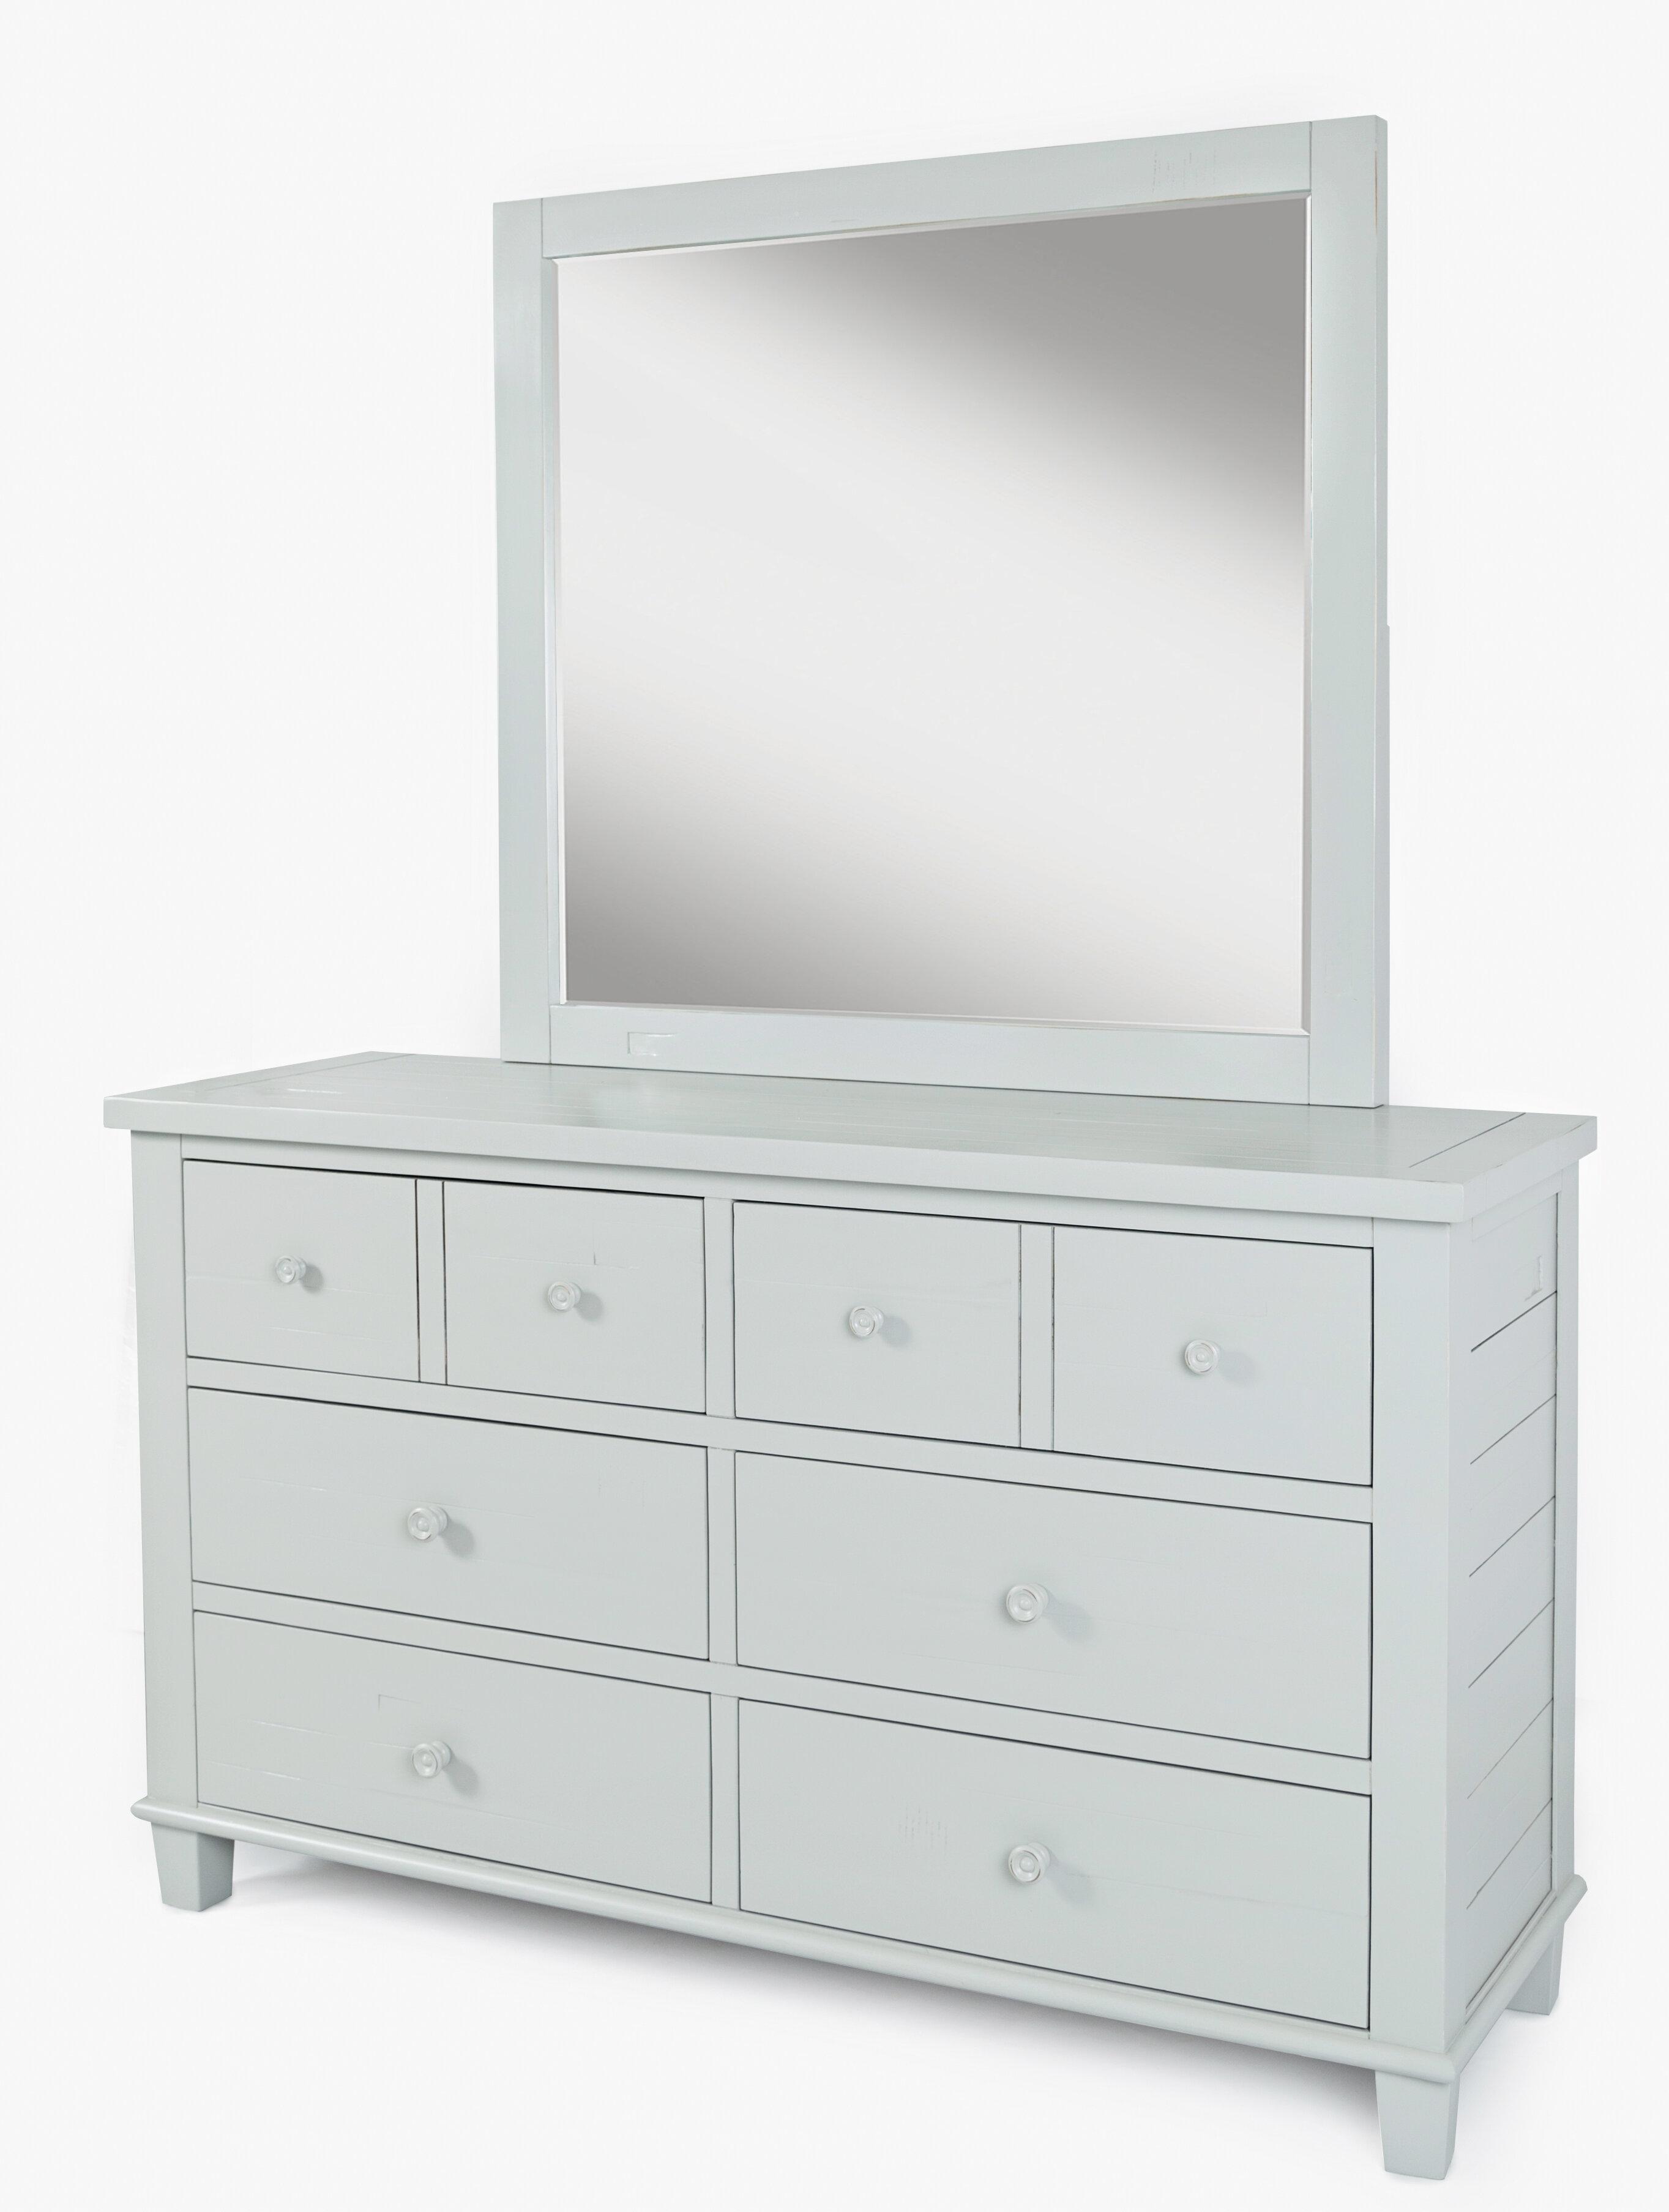 Ginns 8 Drawer Double Dresser With Mirror Joss Main